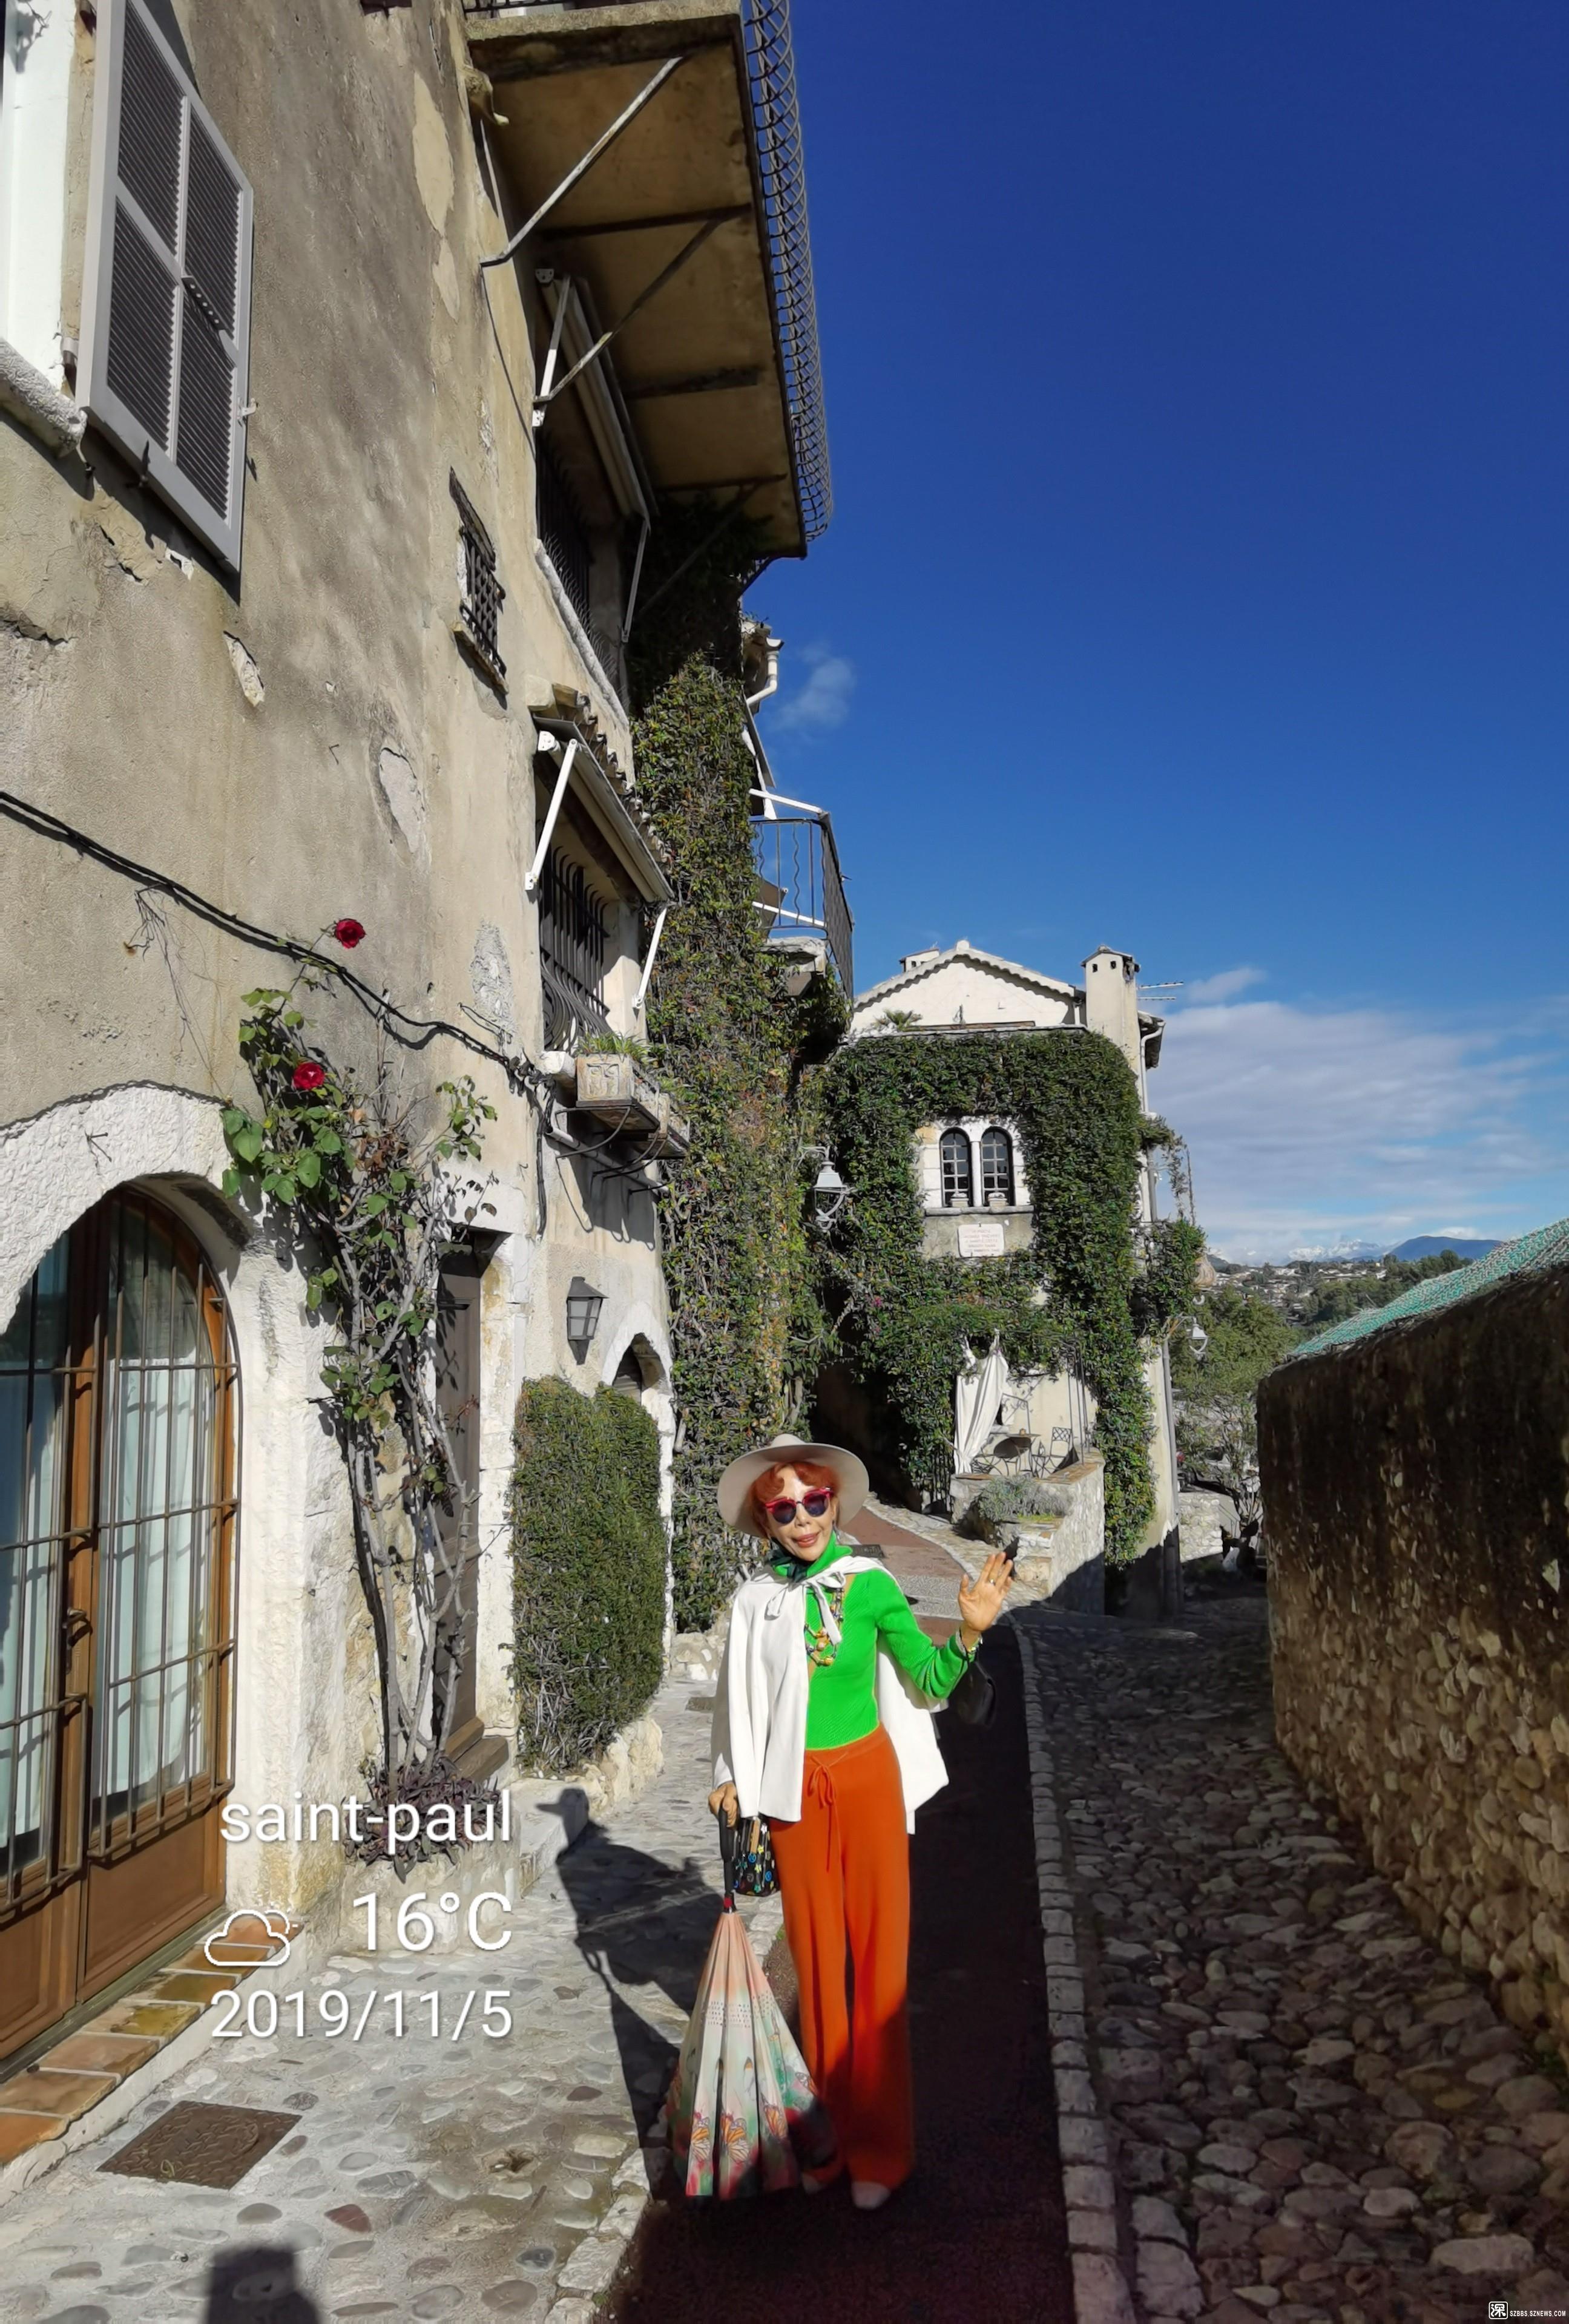 法国、瑞士小镇之旅IMG_20191105_113028.jpg